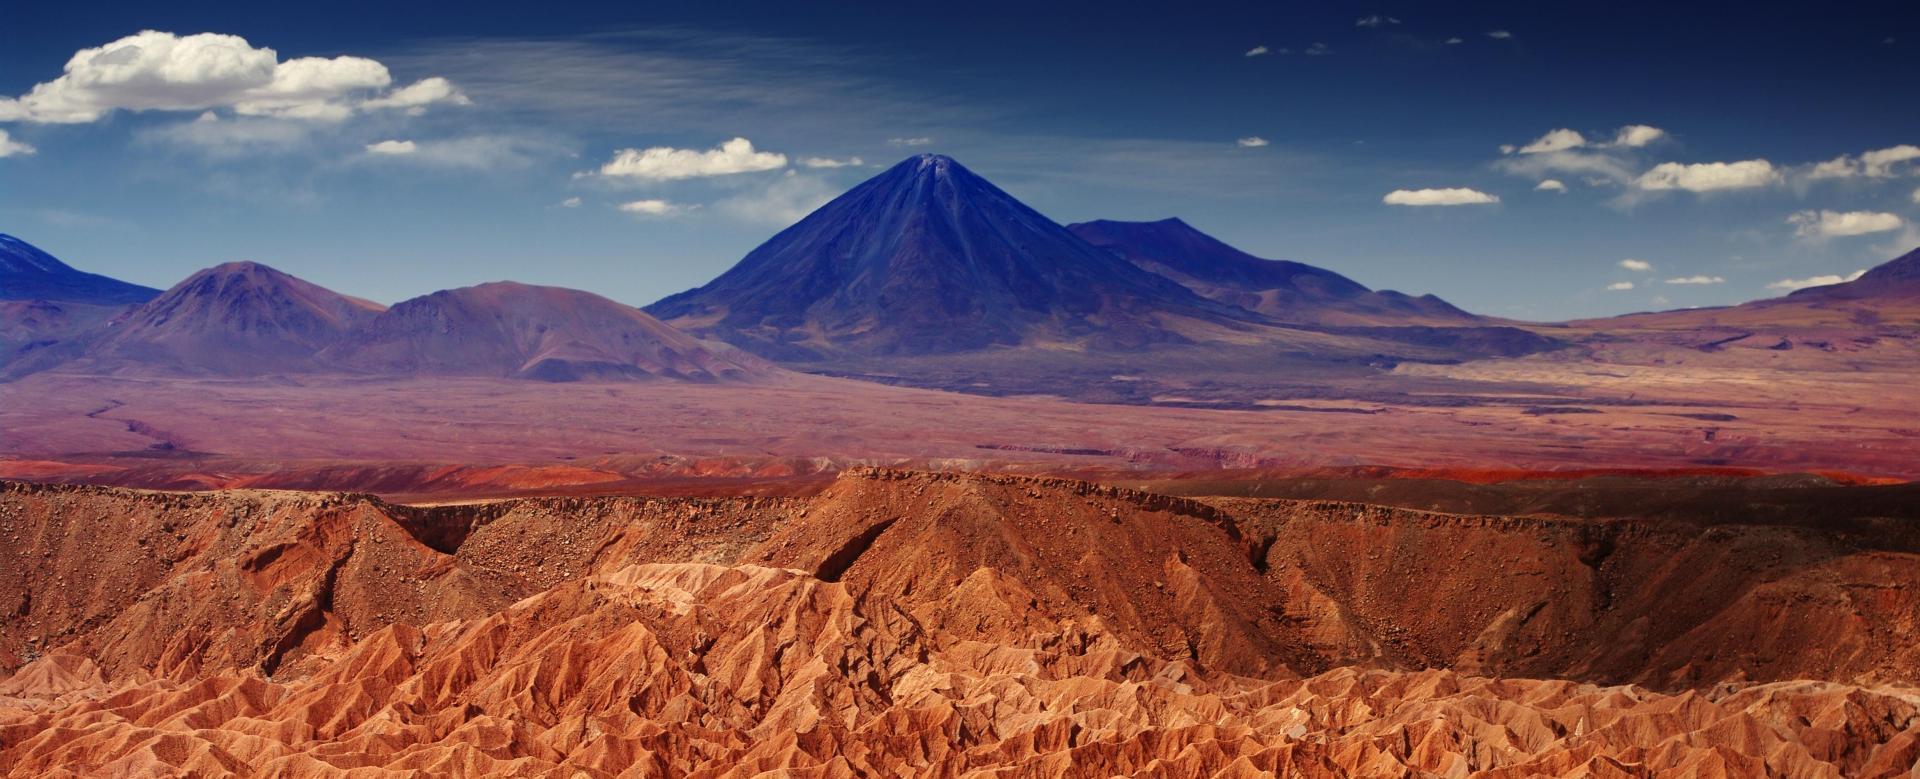 Voyage à pied : Patagonie, atacama et sud-lípez